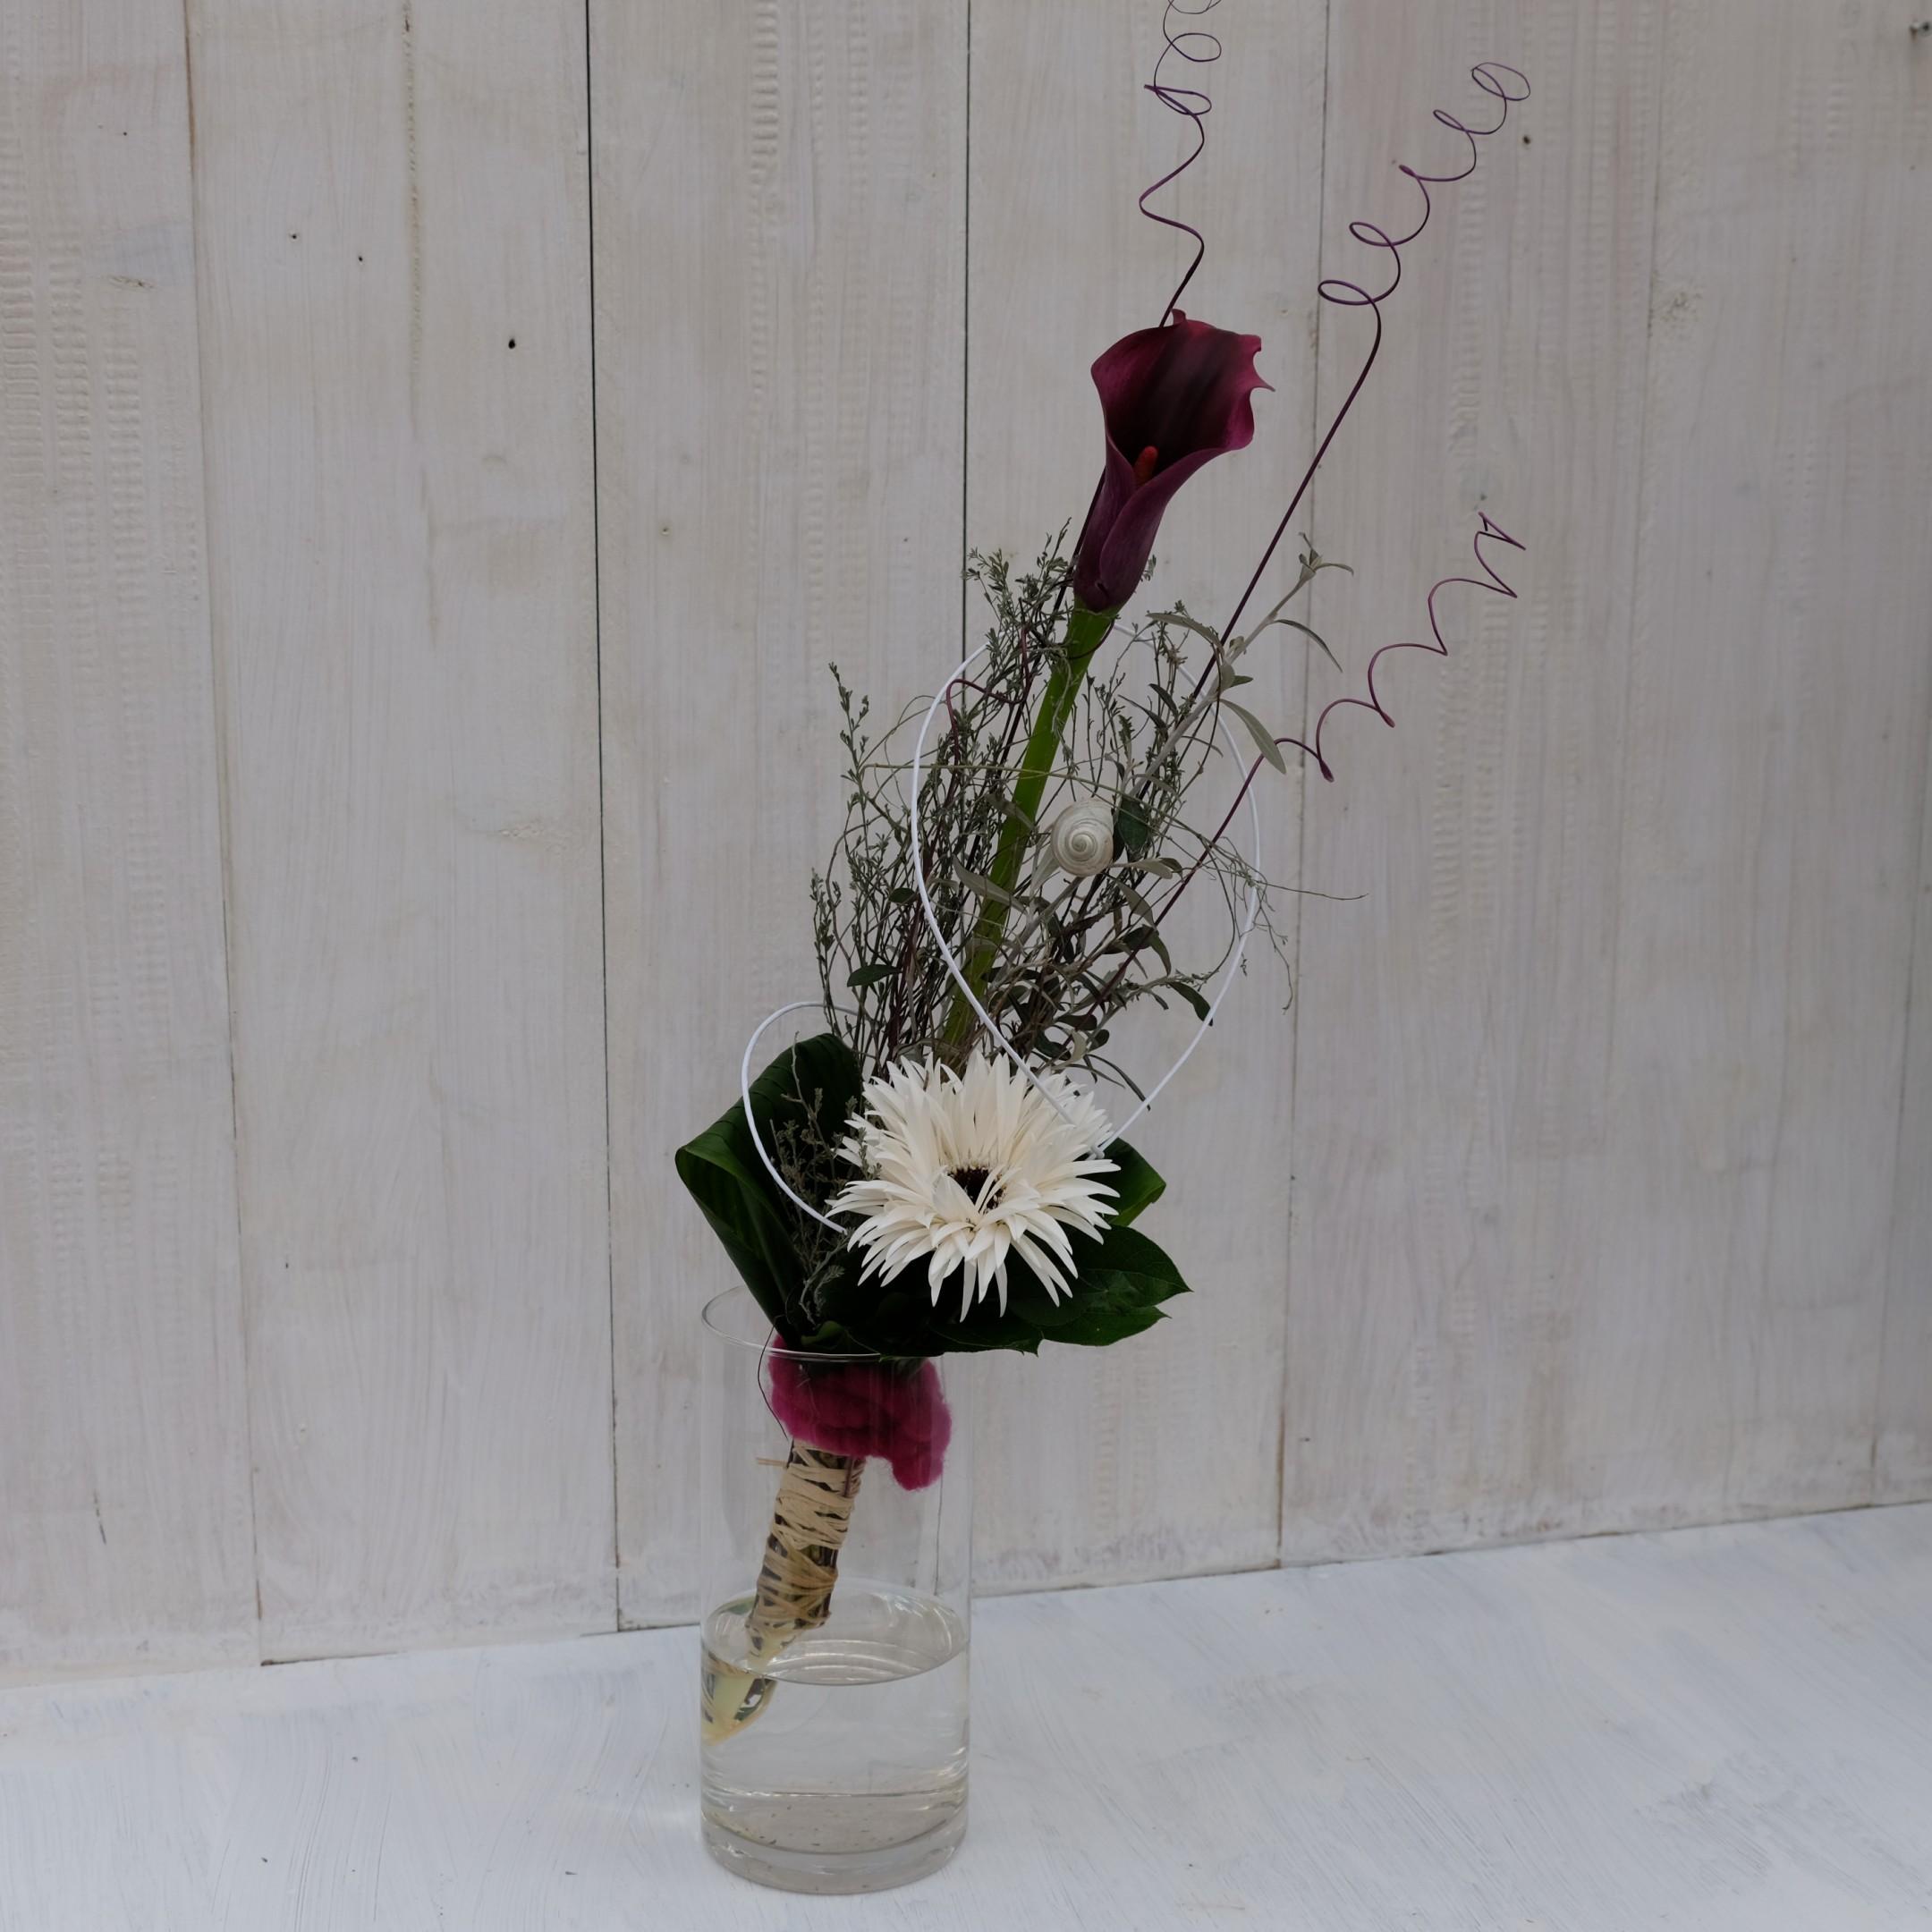 Blumengarten Bild 3